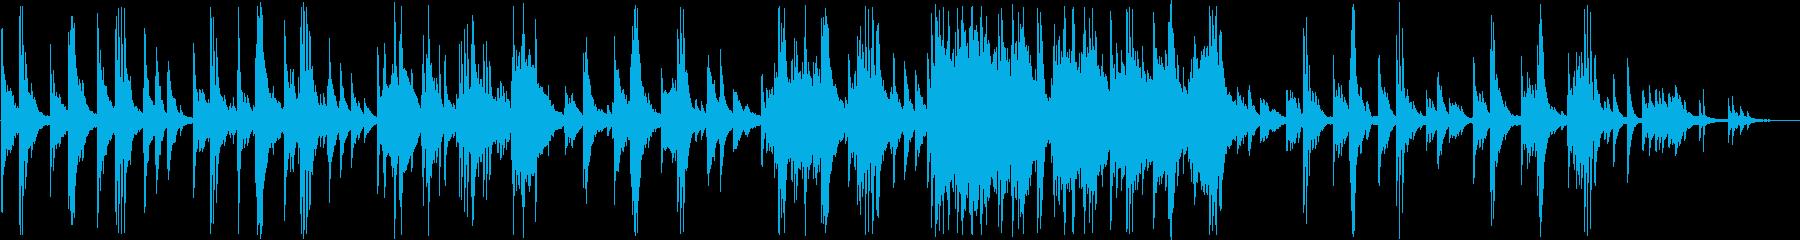 美しく心動かされるピアノメロディの再生済みの波形